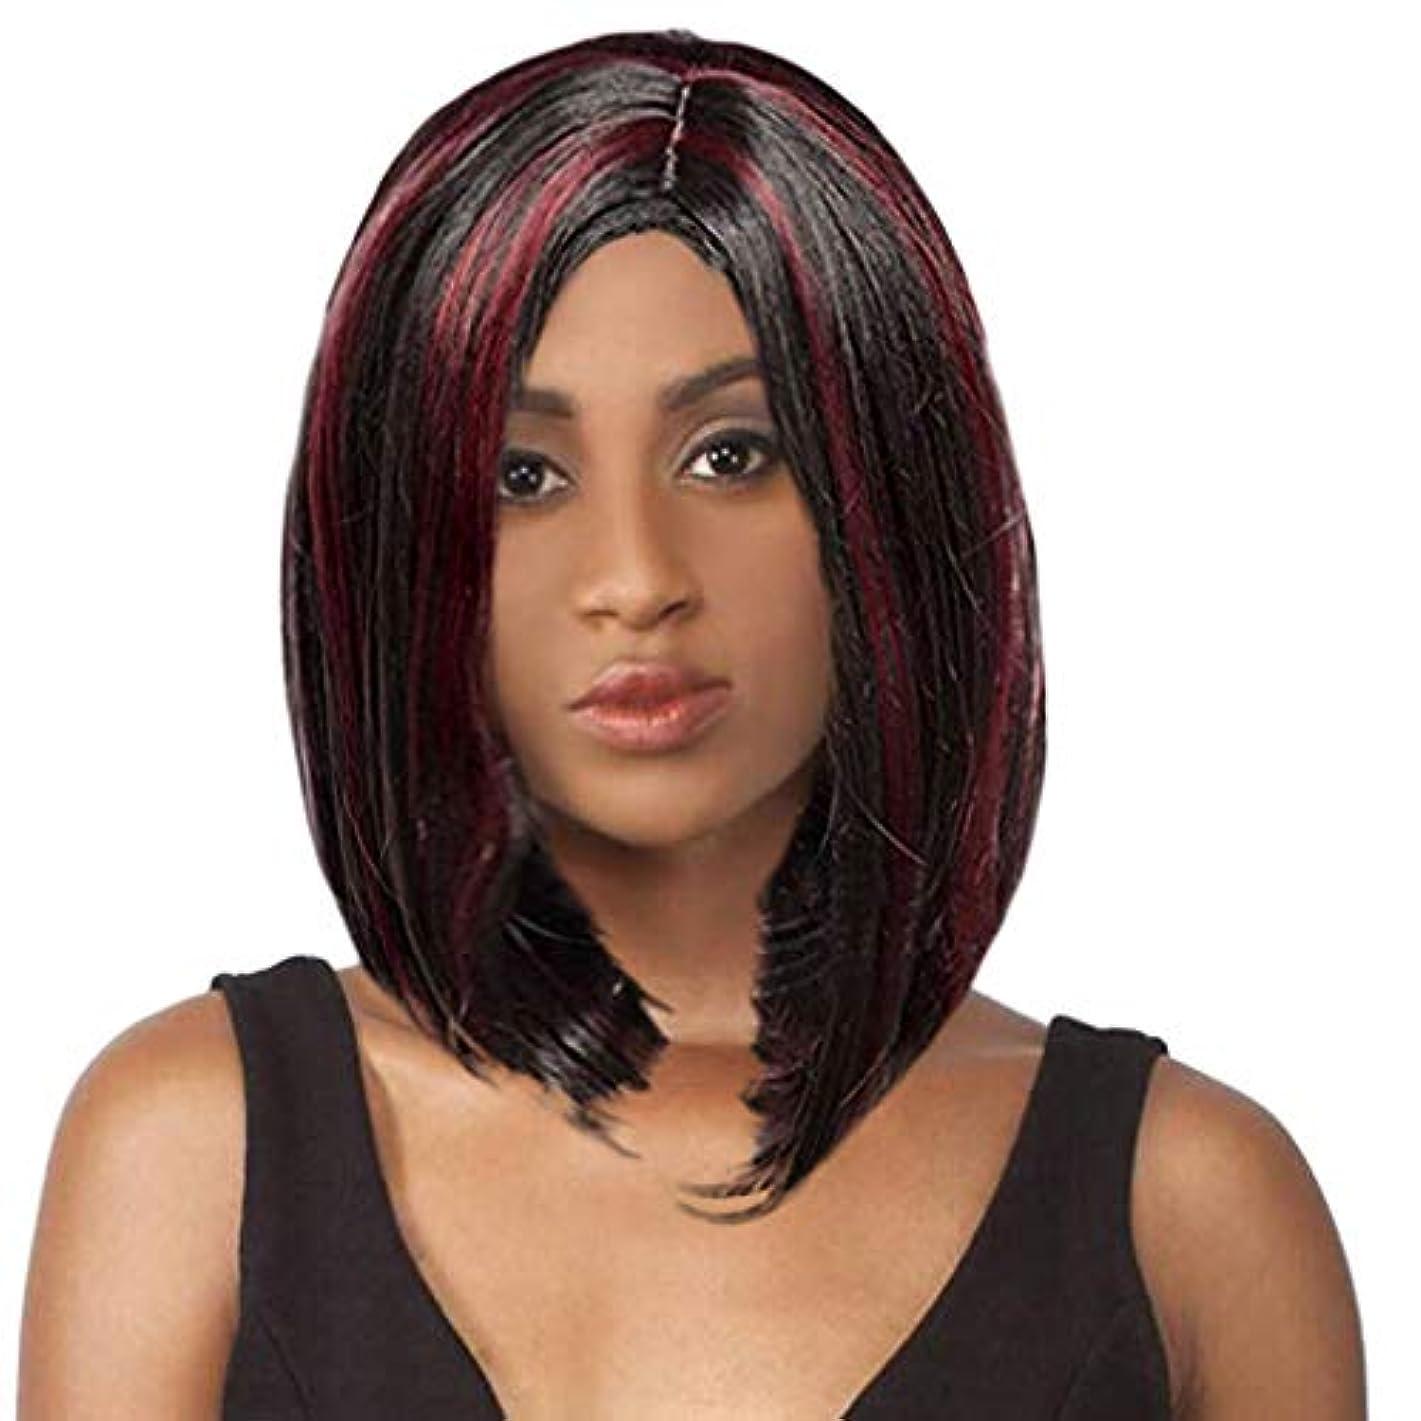 ガジュマル聖書悲観的女性の短いストレートヘアボブファッションかつら